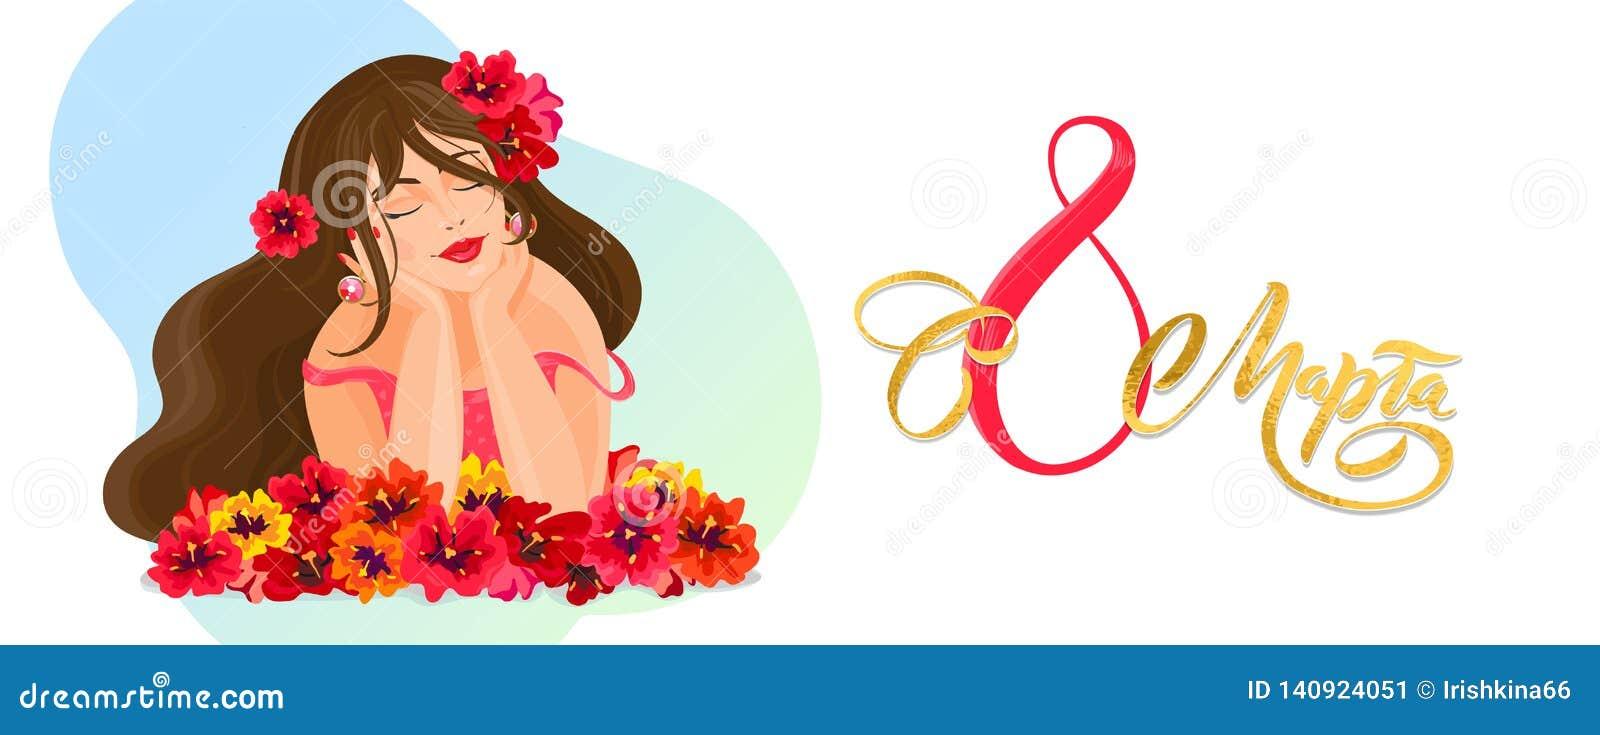 Molde do cartão do vetor para o feriado da mulher bonita do dia das mulheres do texto do russo do 8 de março com dia das mulheres